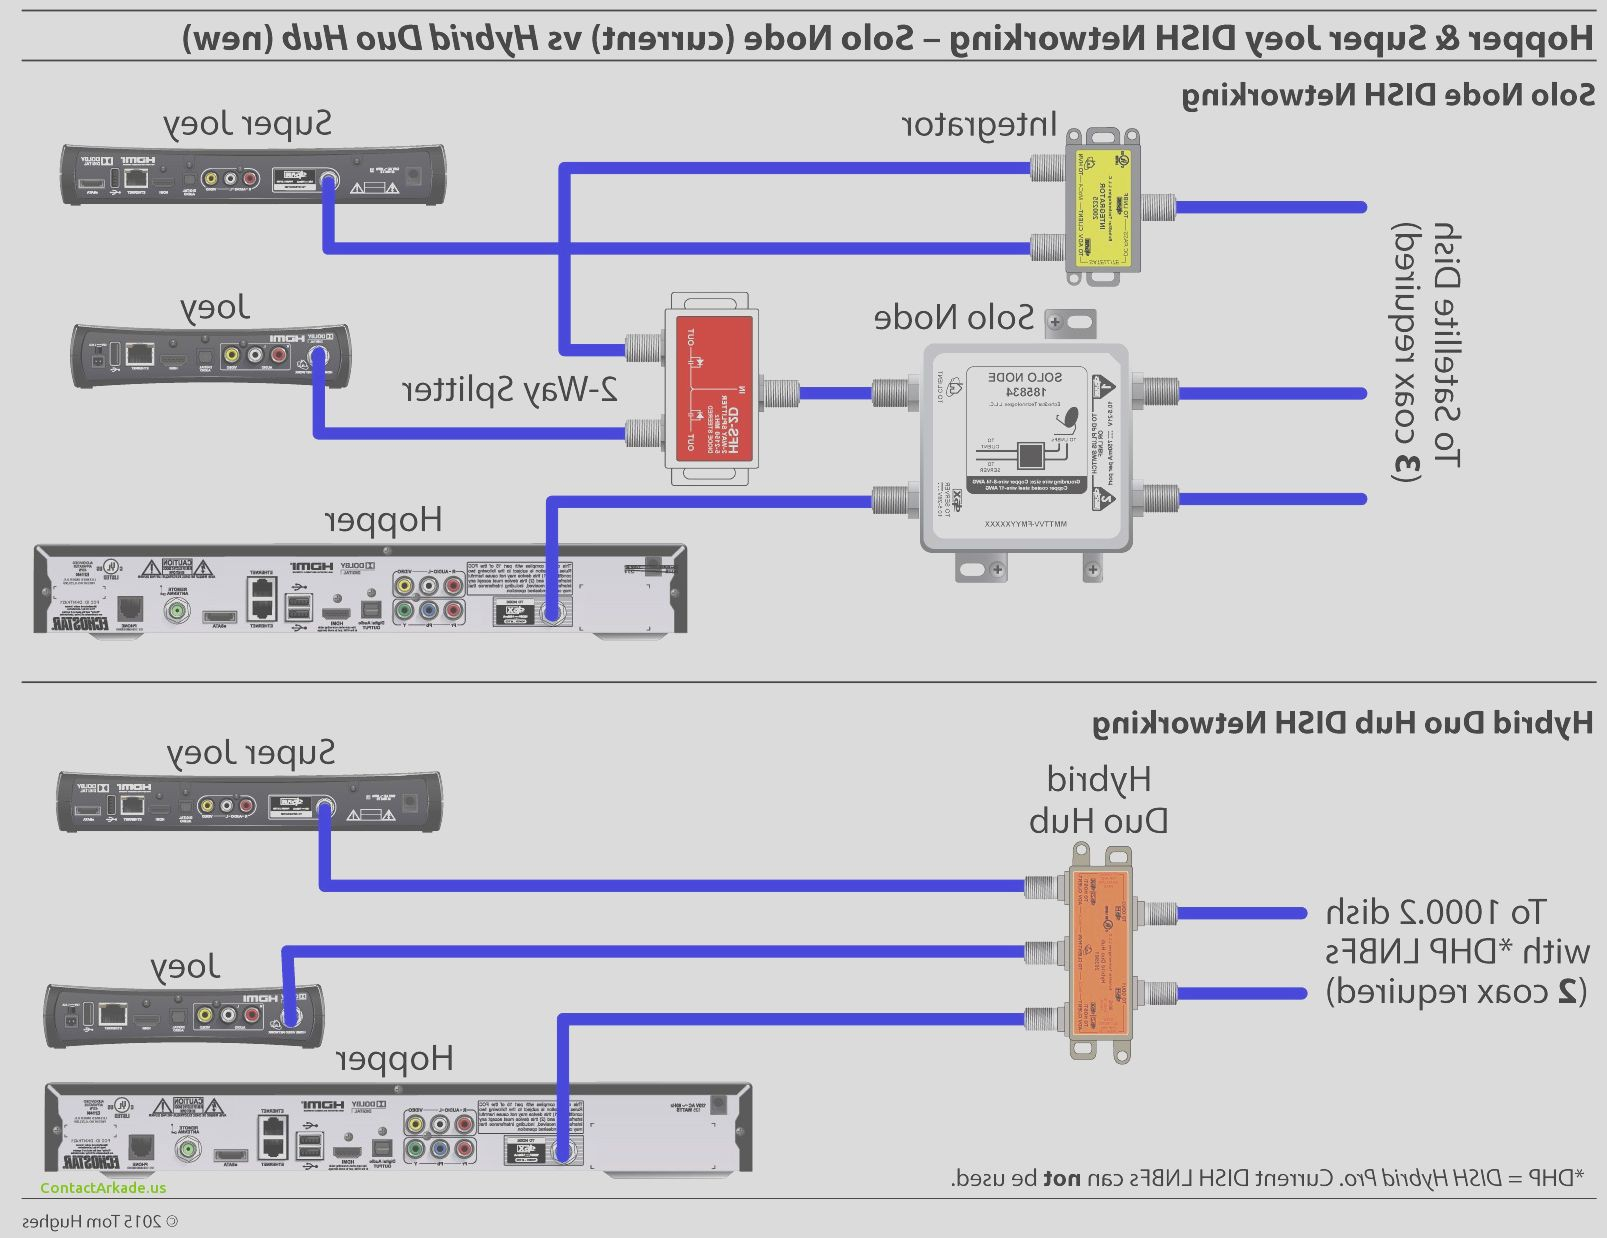 att uverse wiring diagram Collection-Att Uverse Wiring Diagram Fresh att Uverse  Wiring Diagram Lovely